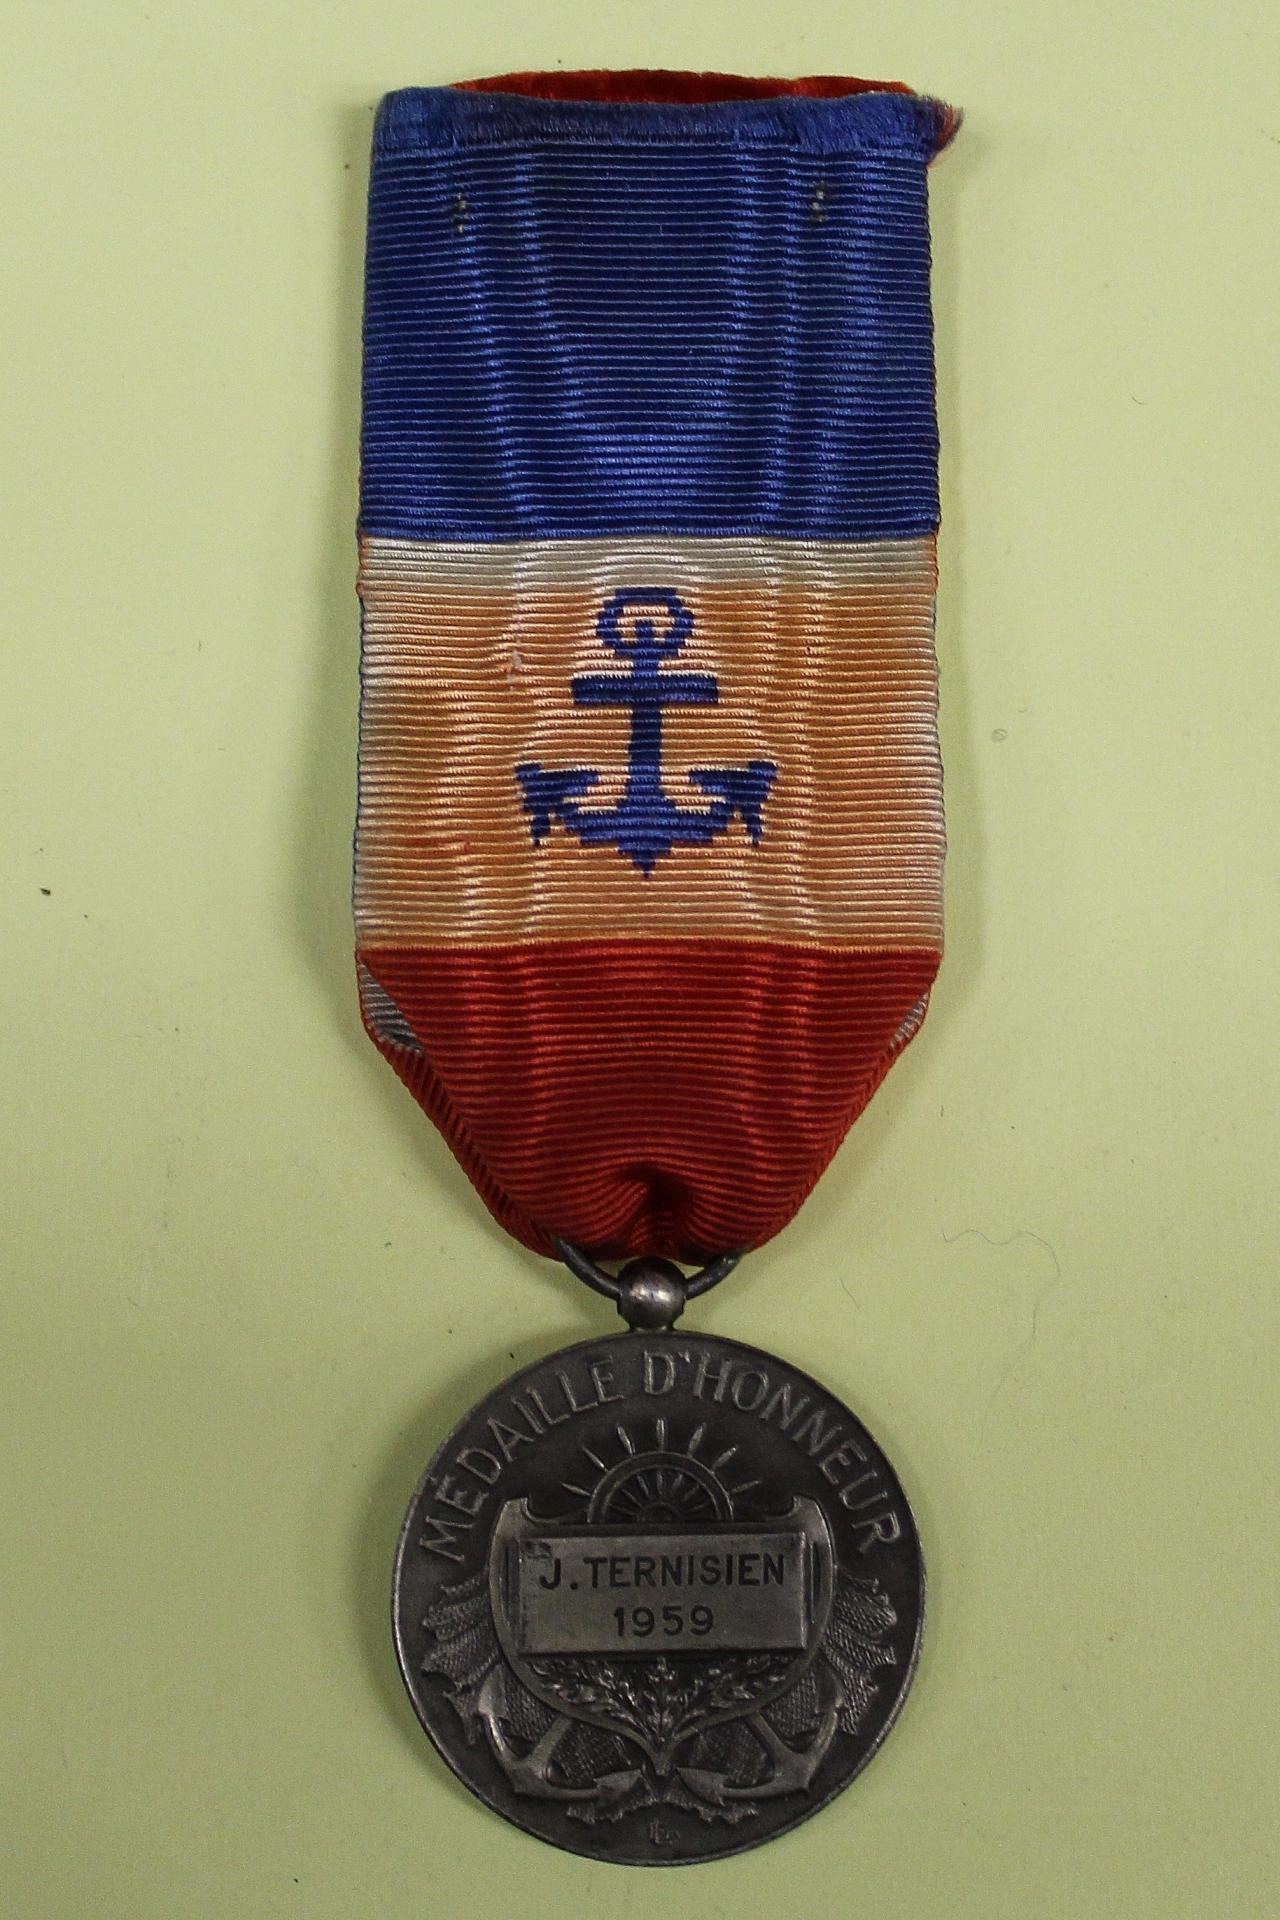 Calais medaille d honneur de sauveteur j ternisien 1959